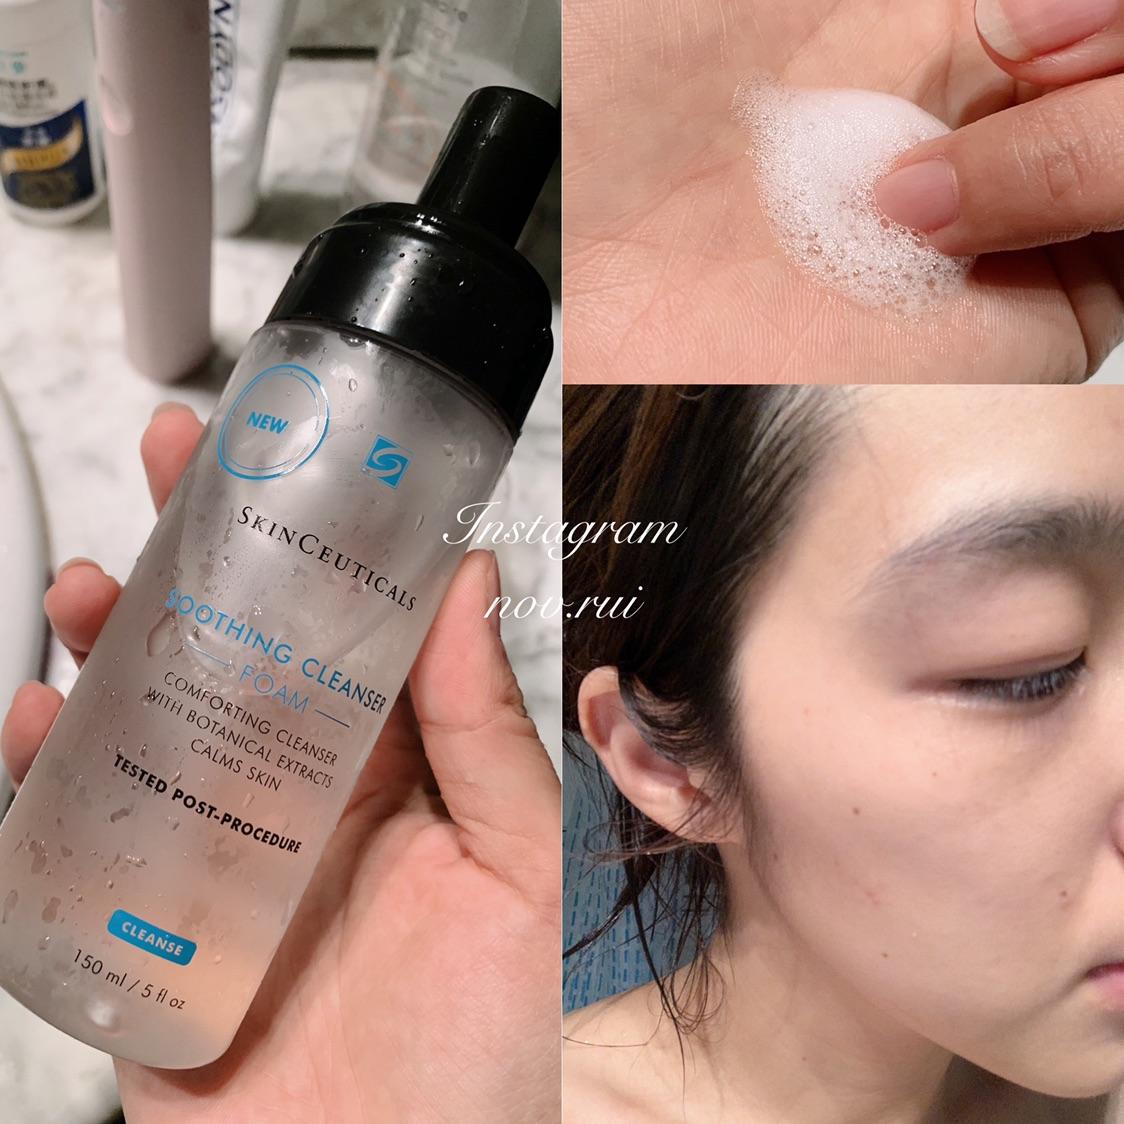 洗面奶中的小奢侈 SkinCeuticals泡沫舒缓洁面🥰